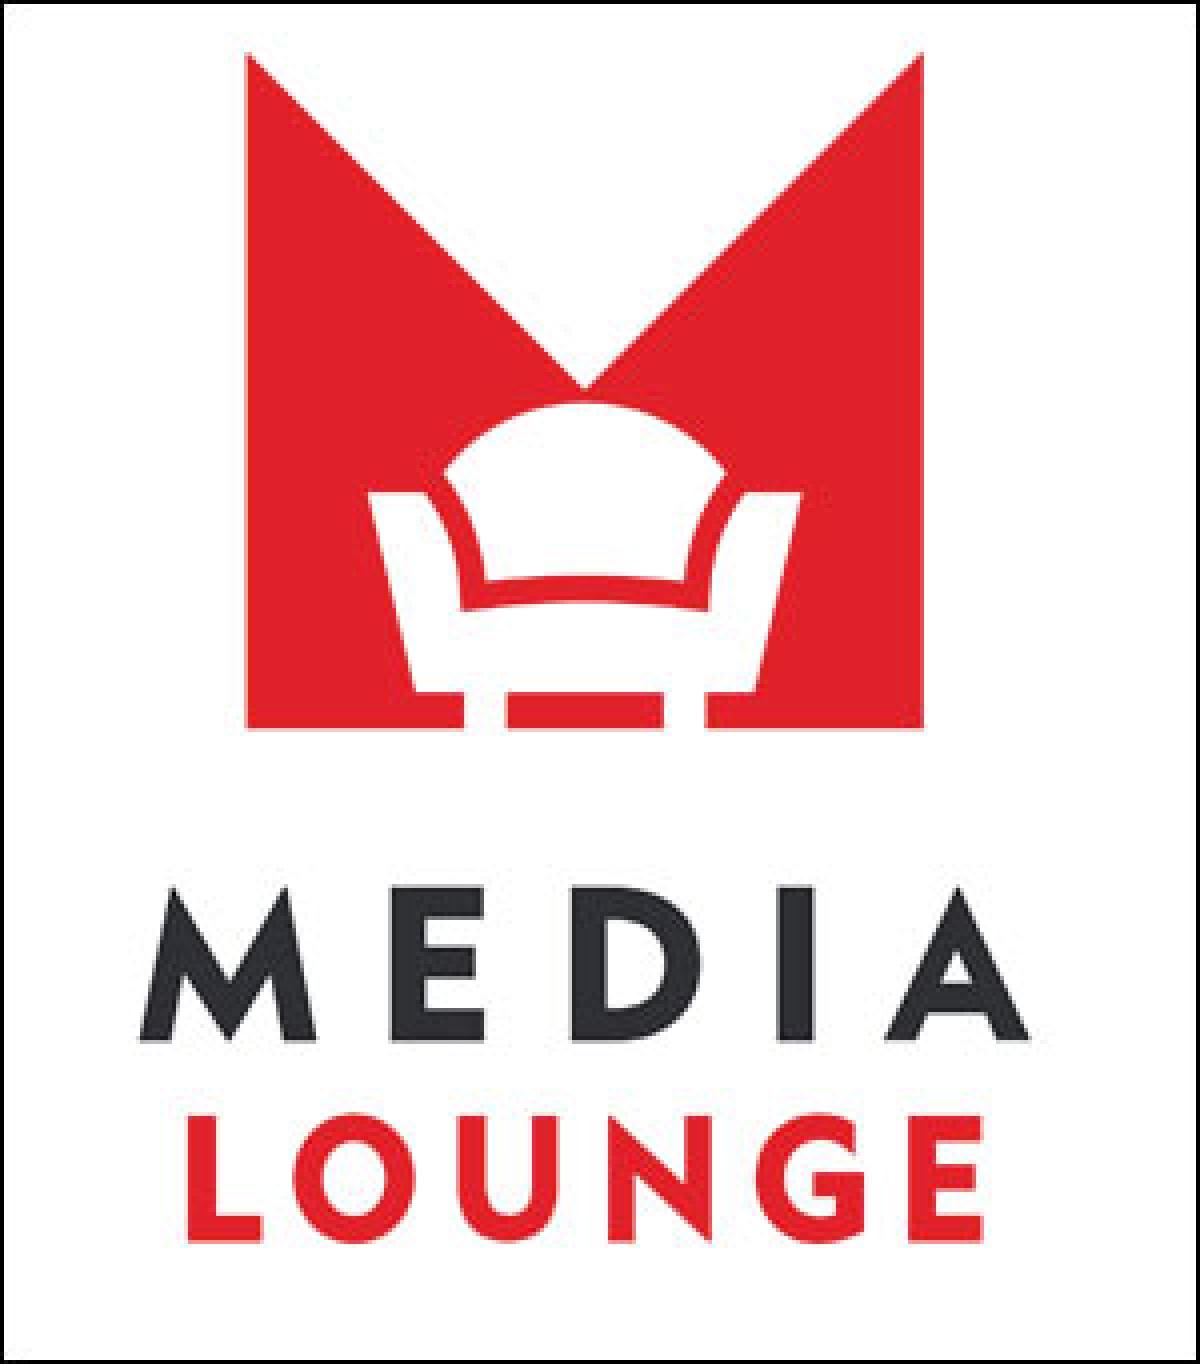 Media Lounge acquires Origin Beanstalk, launches new vertical